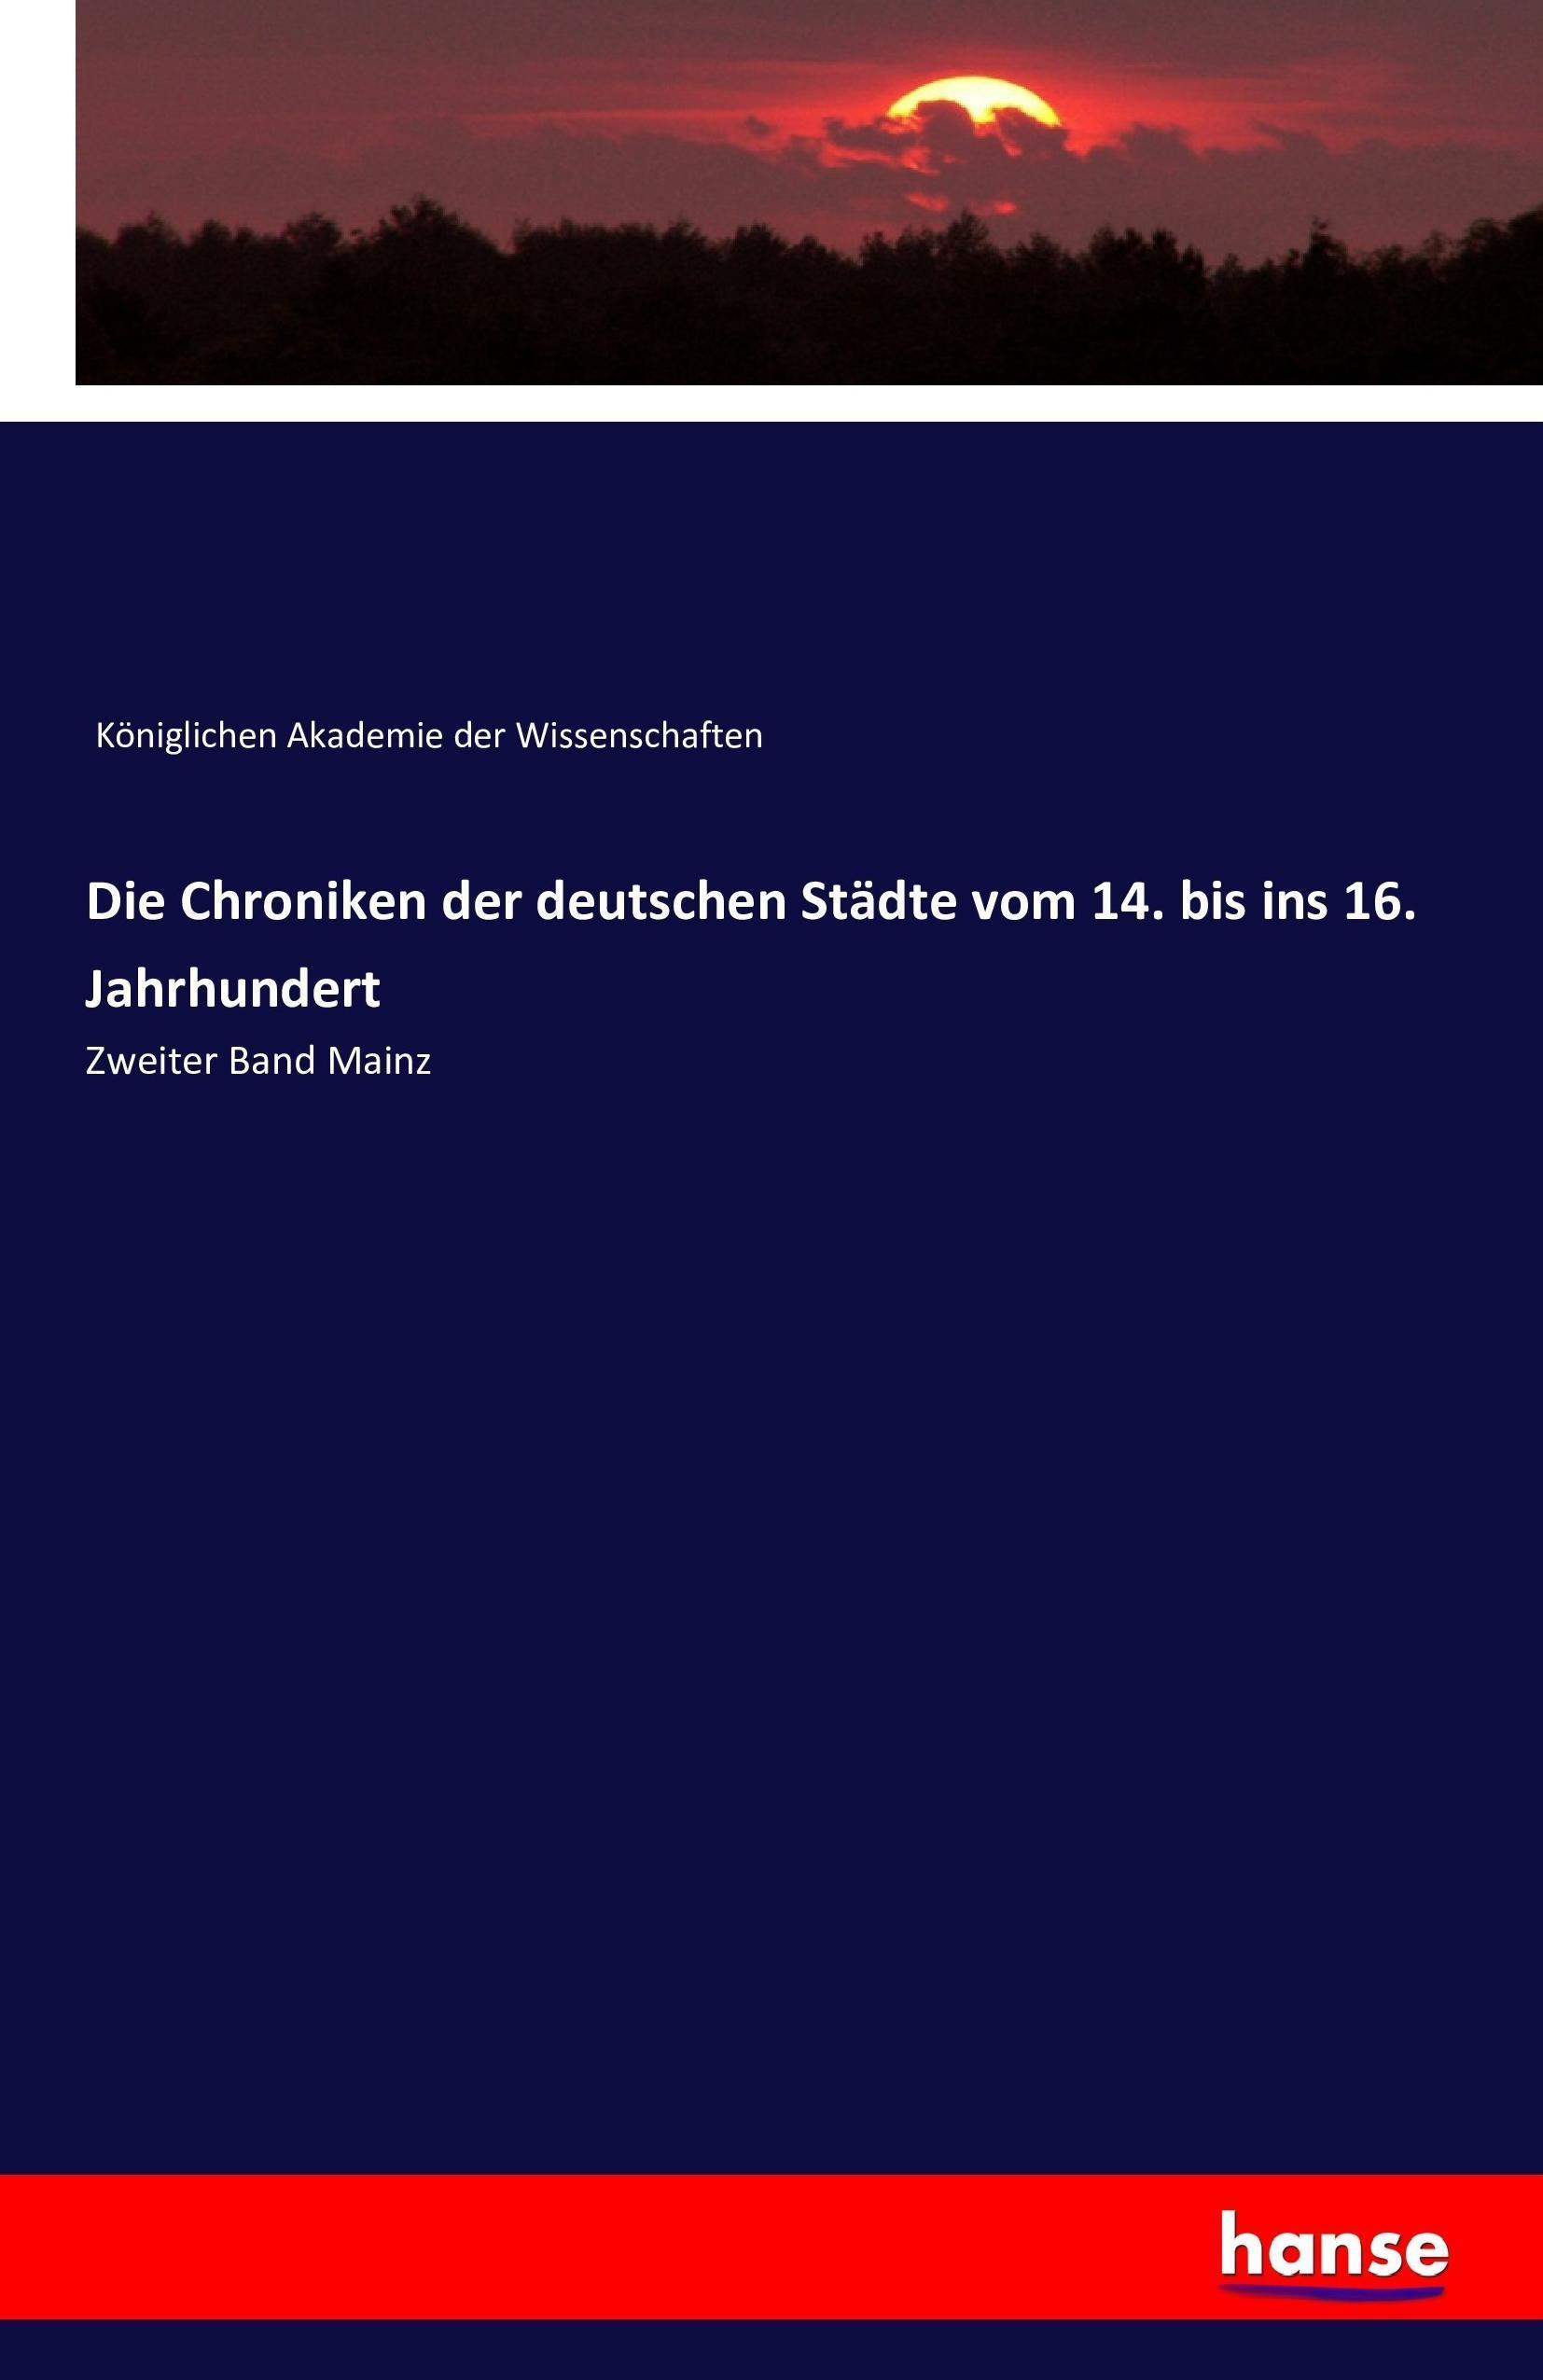 Königlichen Akademie der Wissenschaften / Die Chroniken der de ... 9783742879837